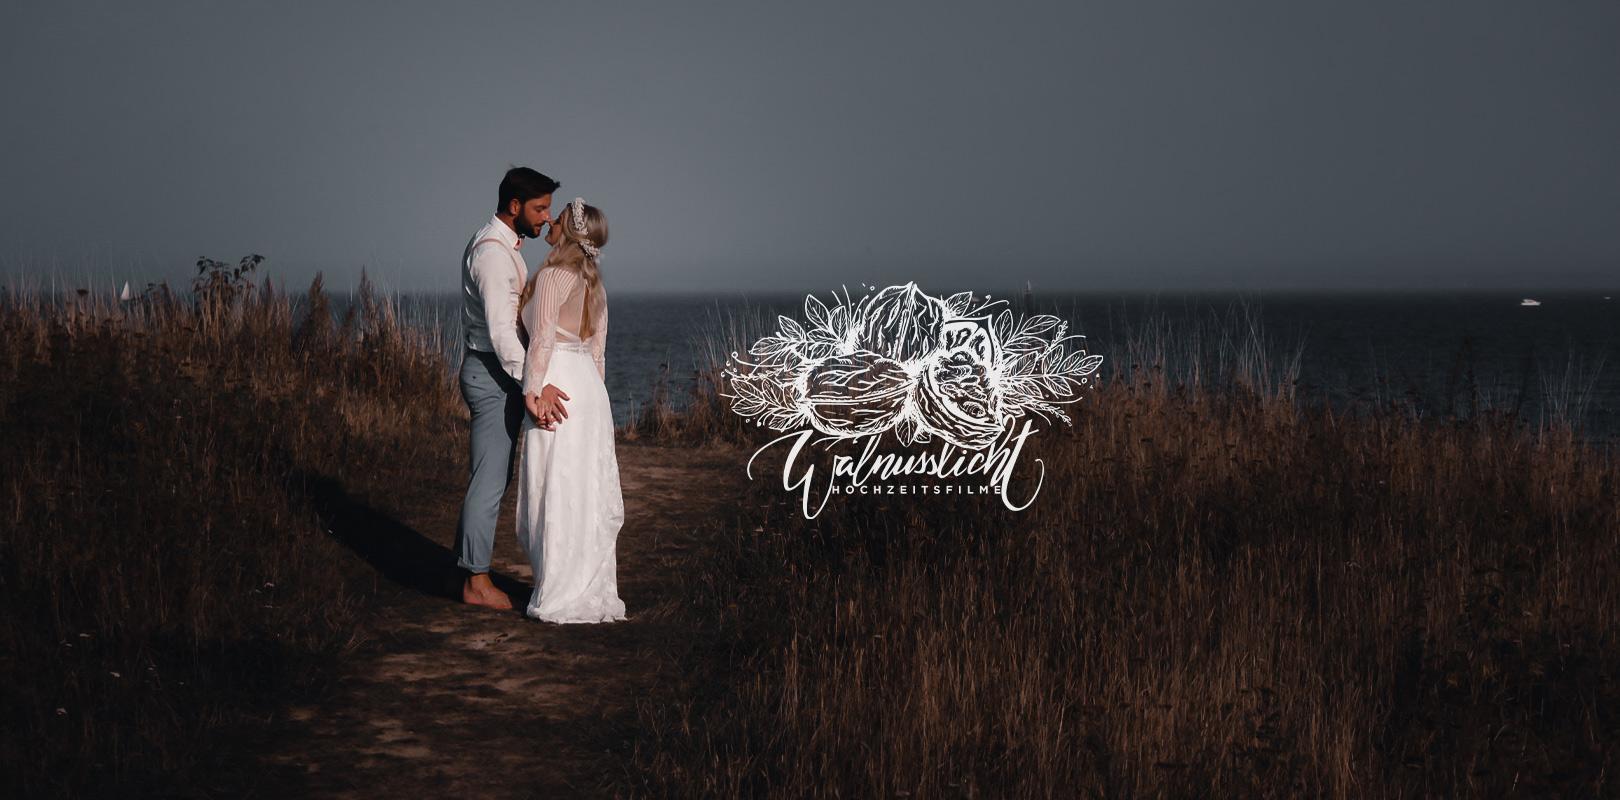 Mein Weg zum Traumberuf - Hochzeitsvideos machen